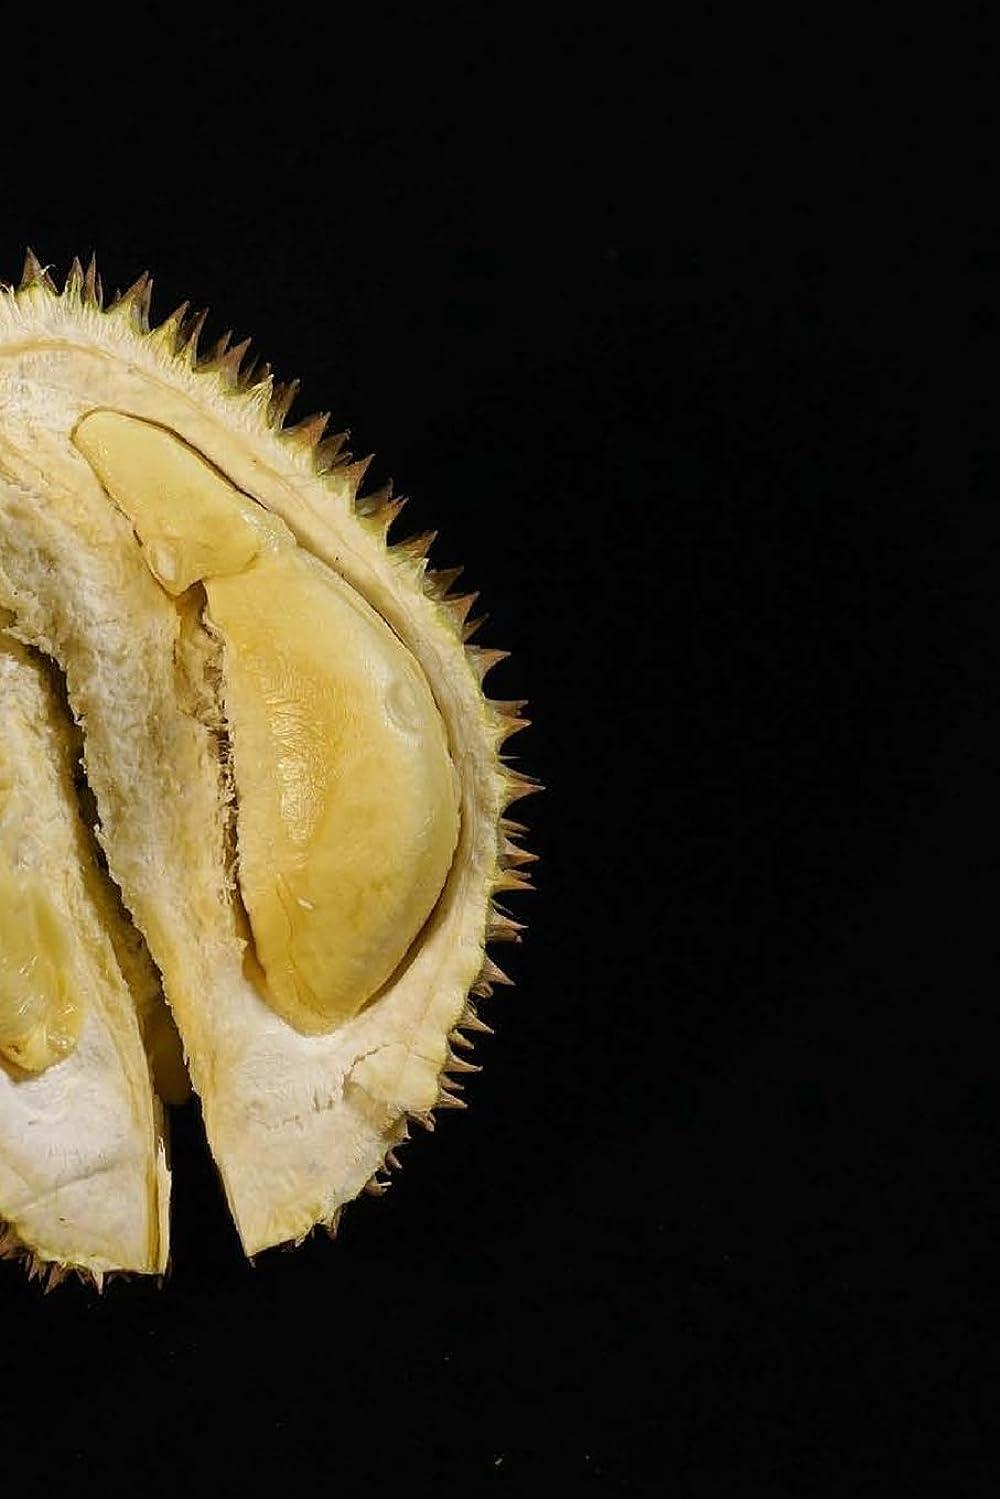 覚醒魔術師行進Durian Fruit: 150 lined pages, softcover, 6 x 9